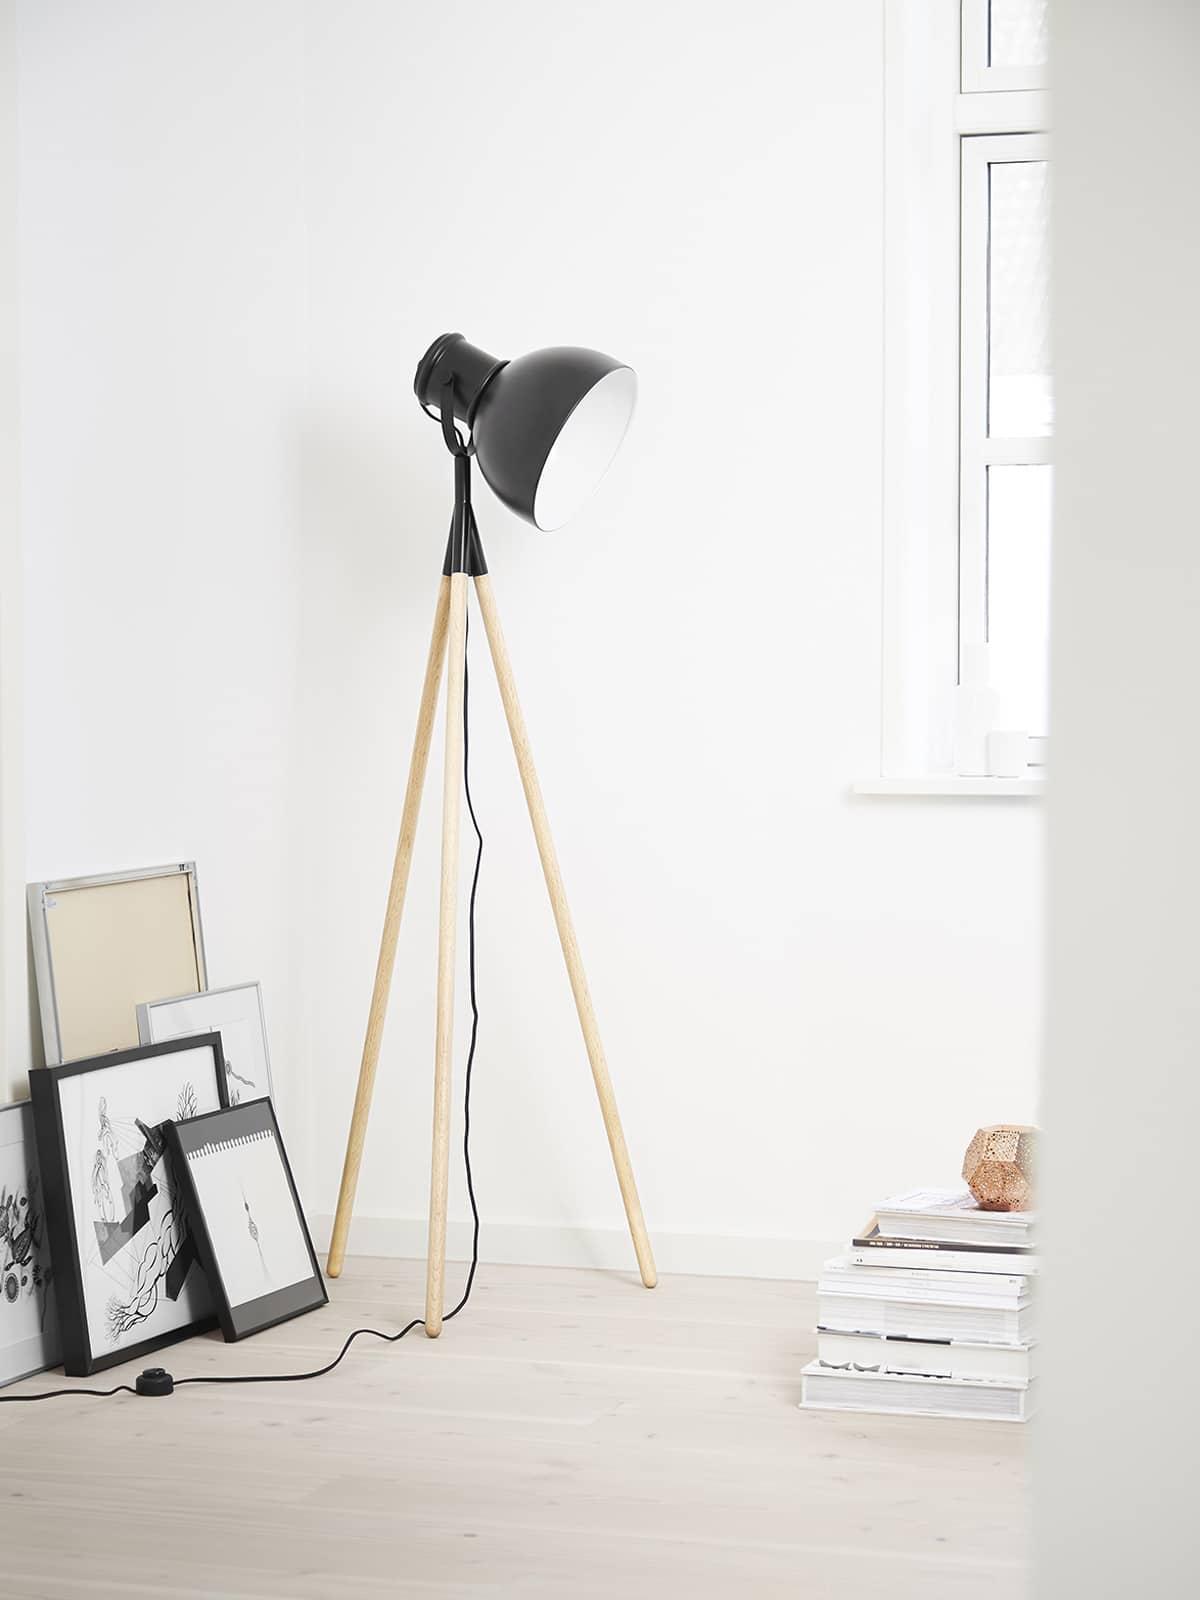 neuheiten designleuchten von frandsen im online shop designort lampen leuchten. Black Bedroom Furniture Sets. Home Design Ideas